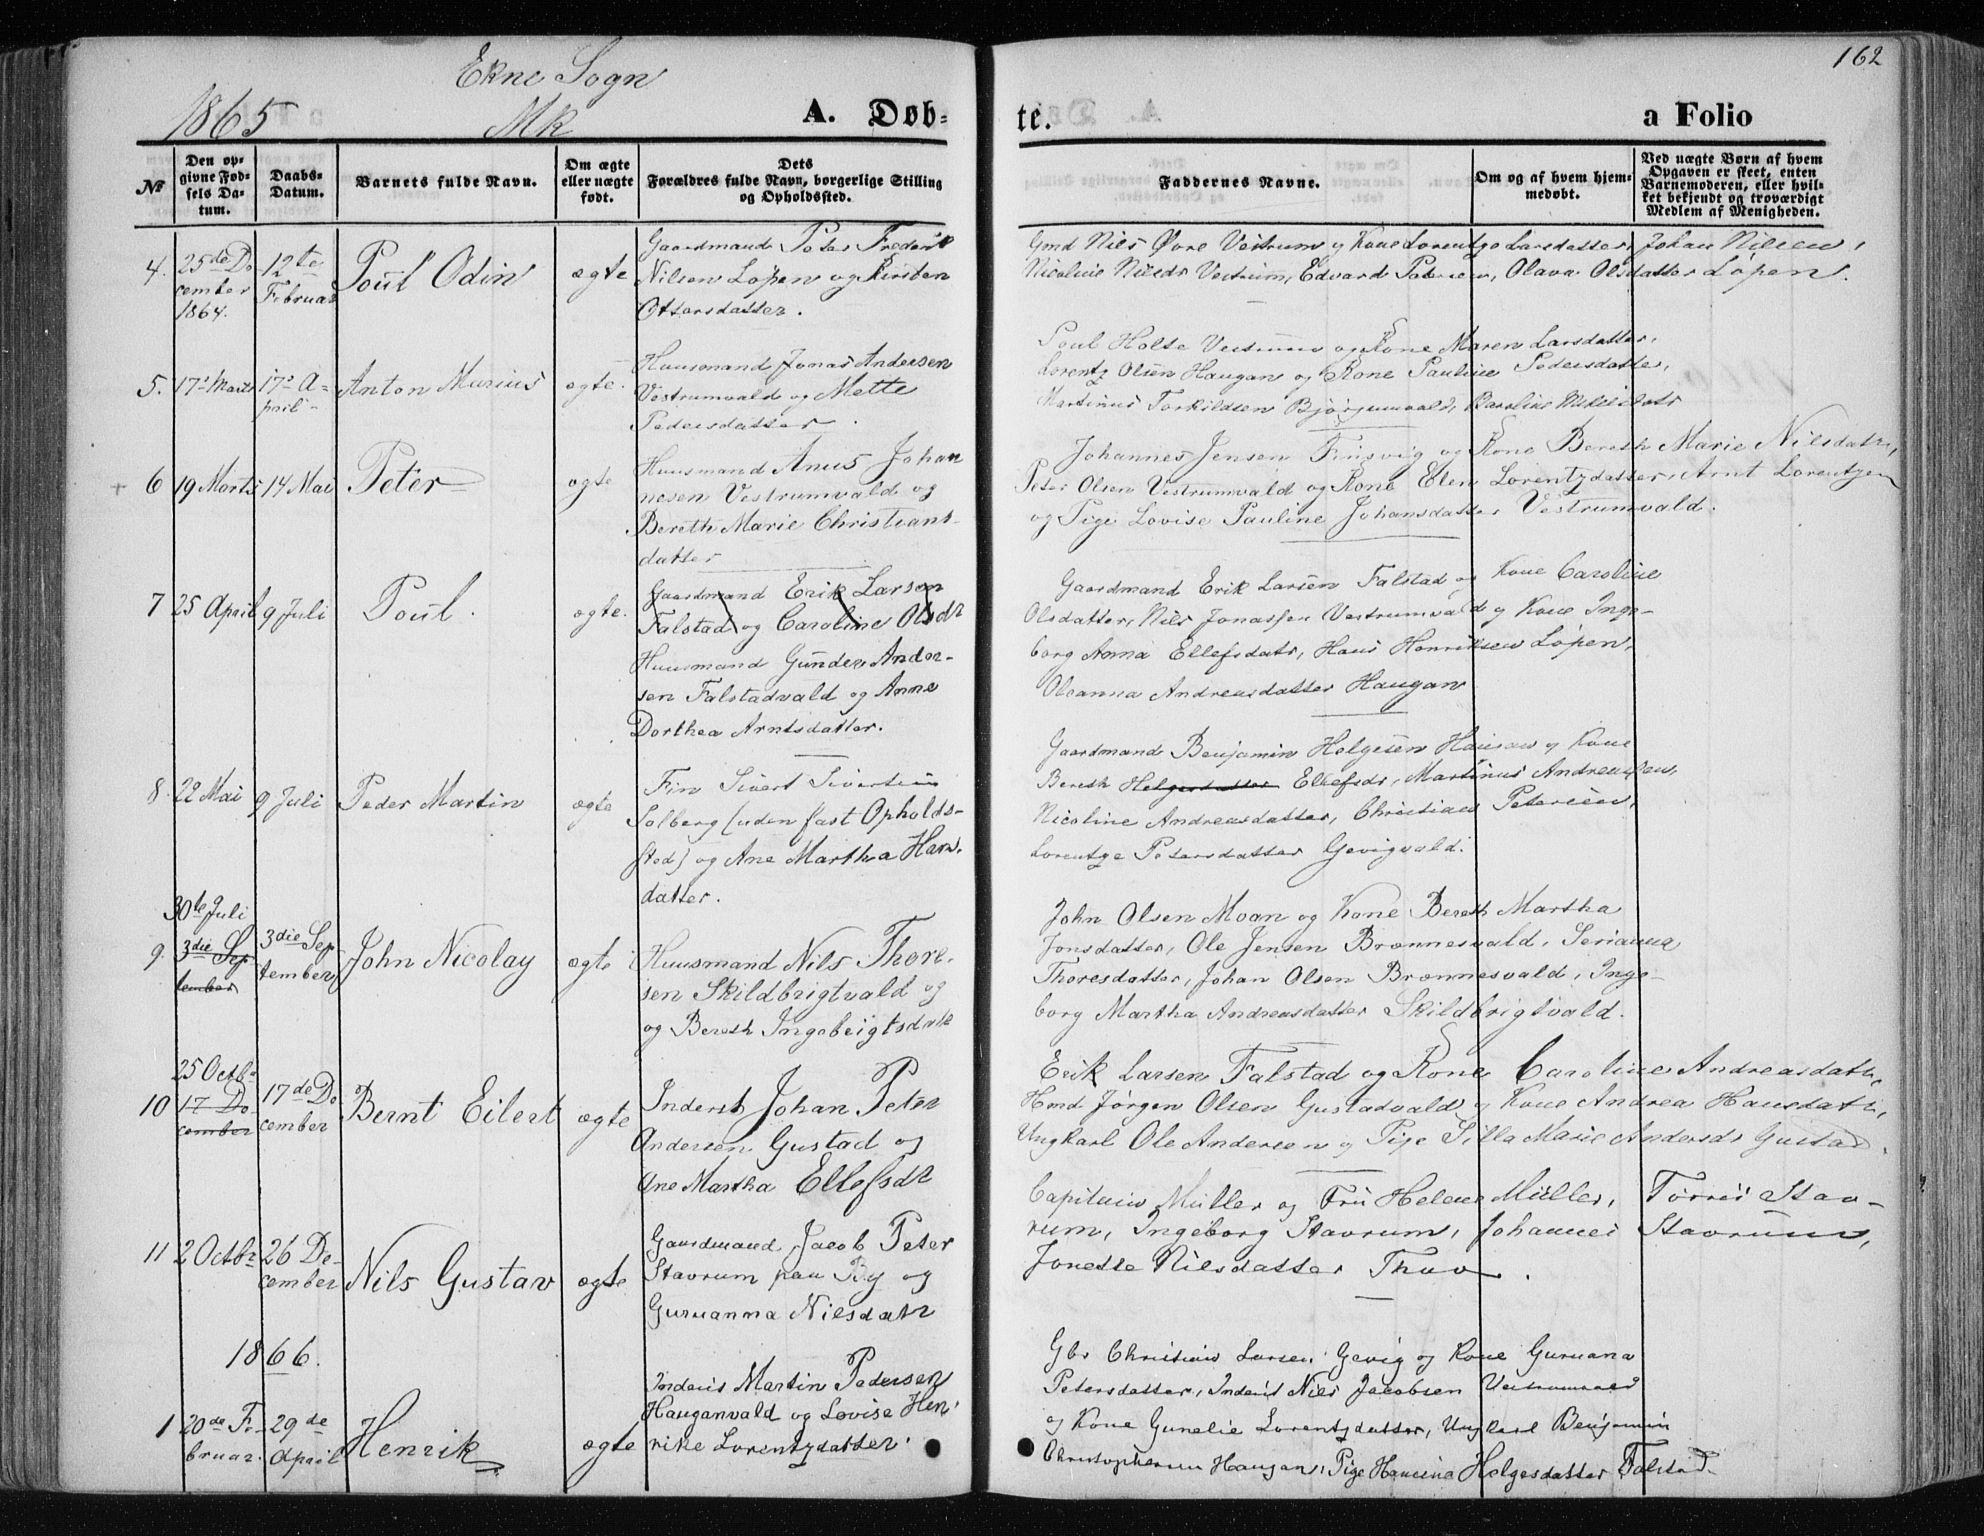 SAT, Ministerialprotokoller, klokkerbøker og fødselsregistre - Nord-Trøndelag, 717/L0158: Ministerialbok nr. 717A08 /2, 1863-1877, s. 162